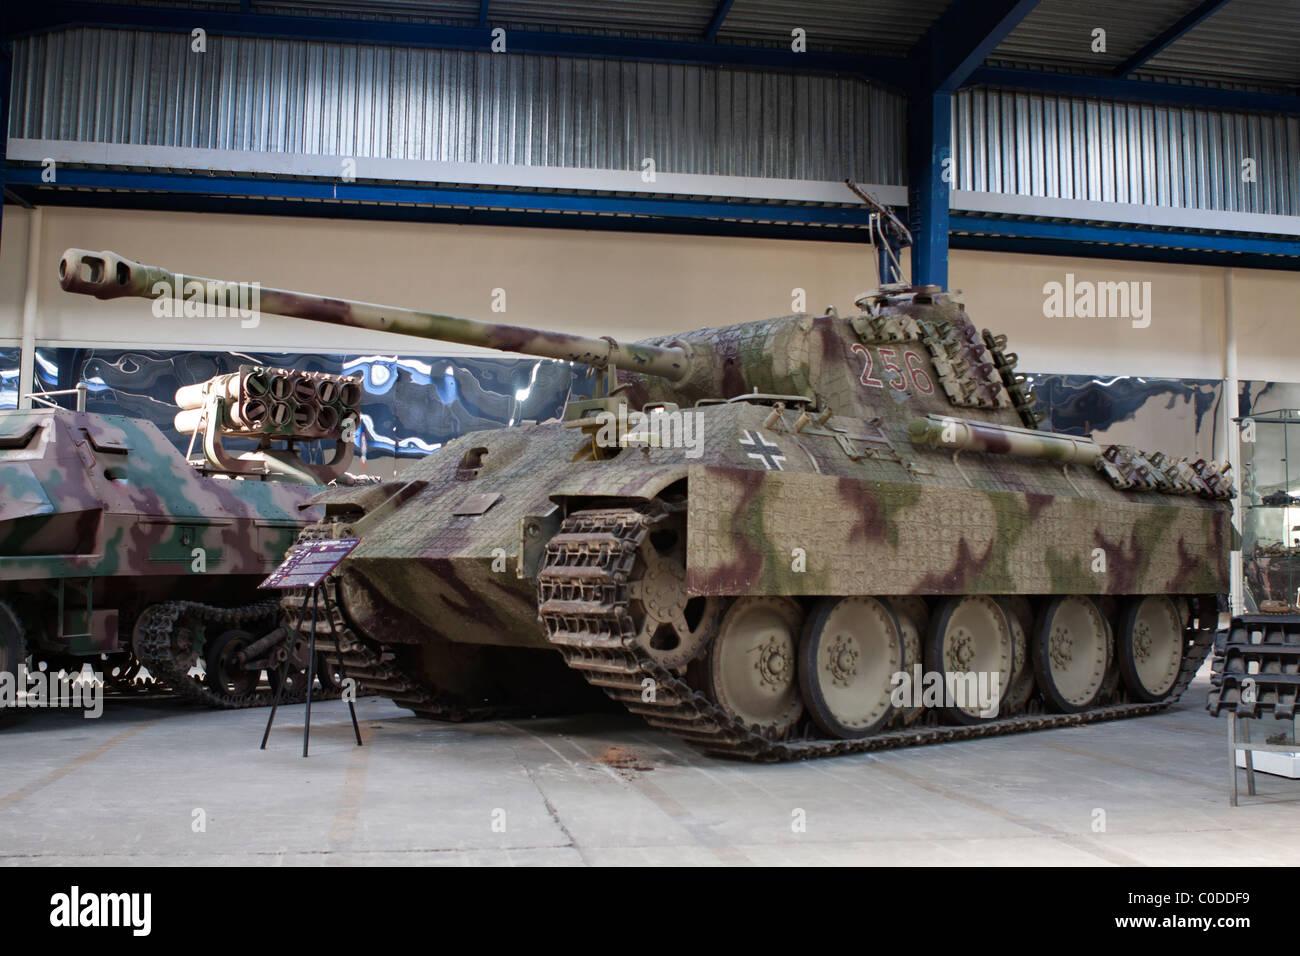 German Panzerkampfwagen V Panther (Sd.Kfz. 171), tank museum of Saumur - Stock Image